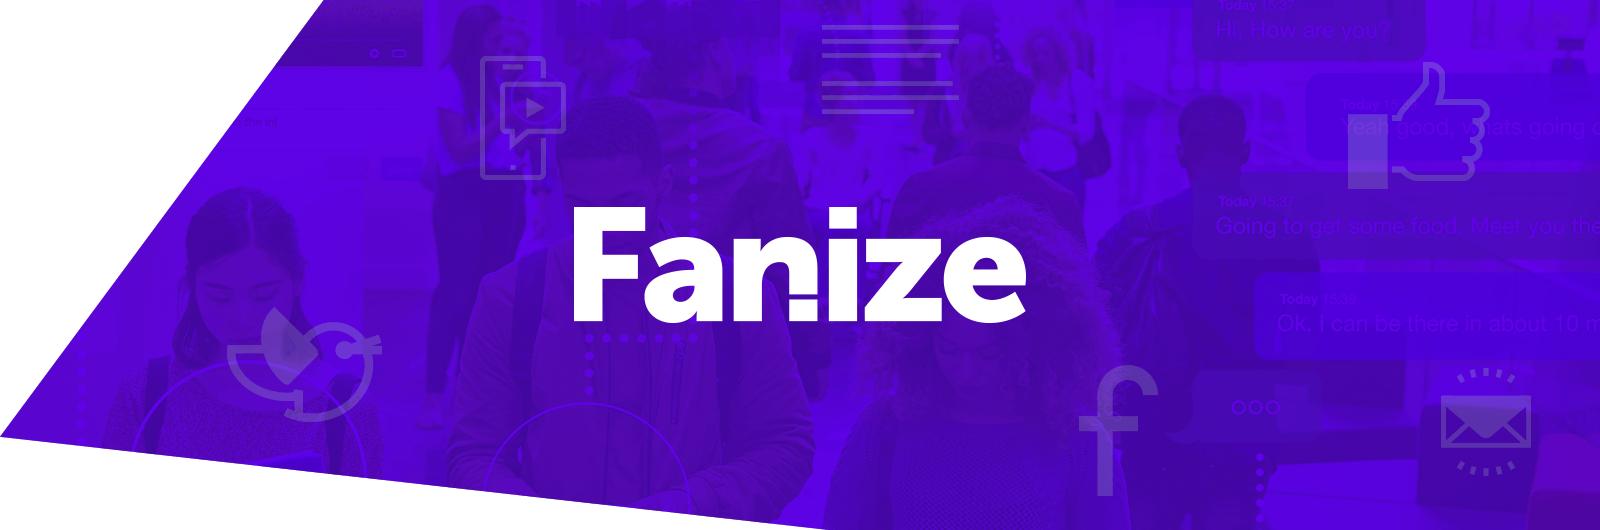 Fanize